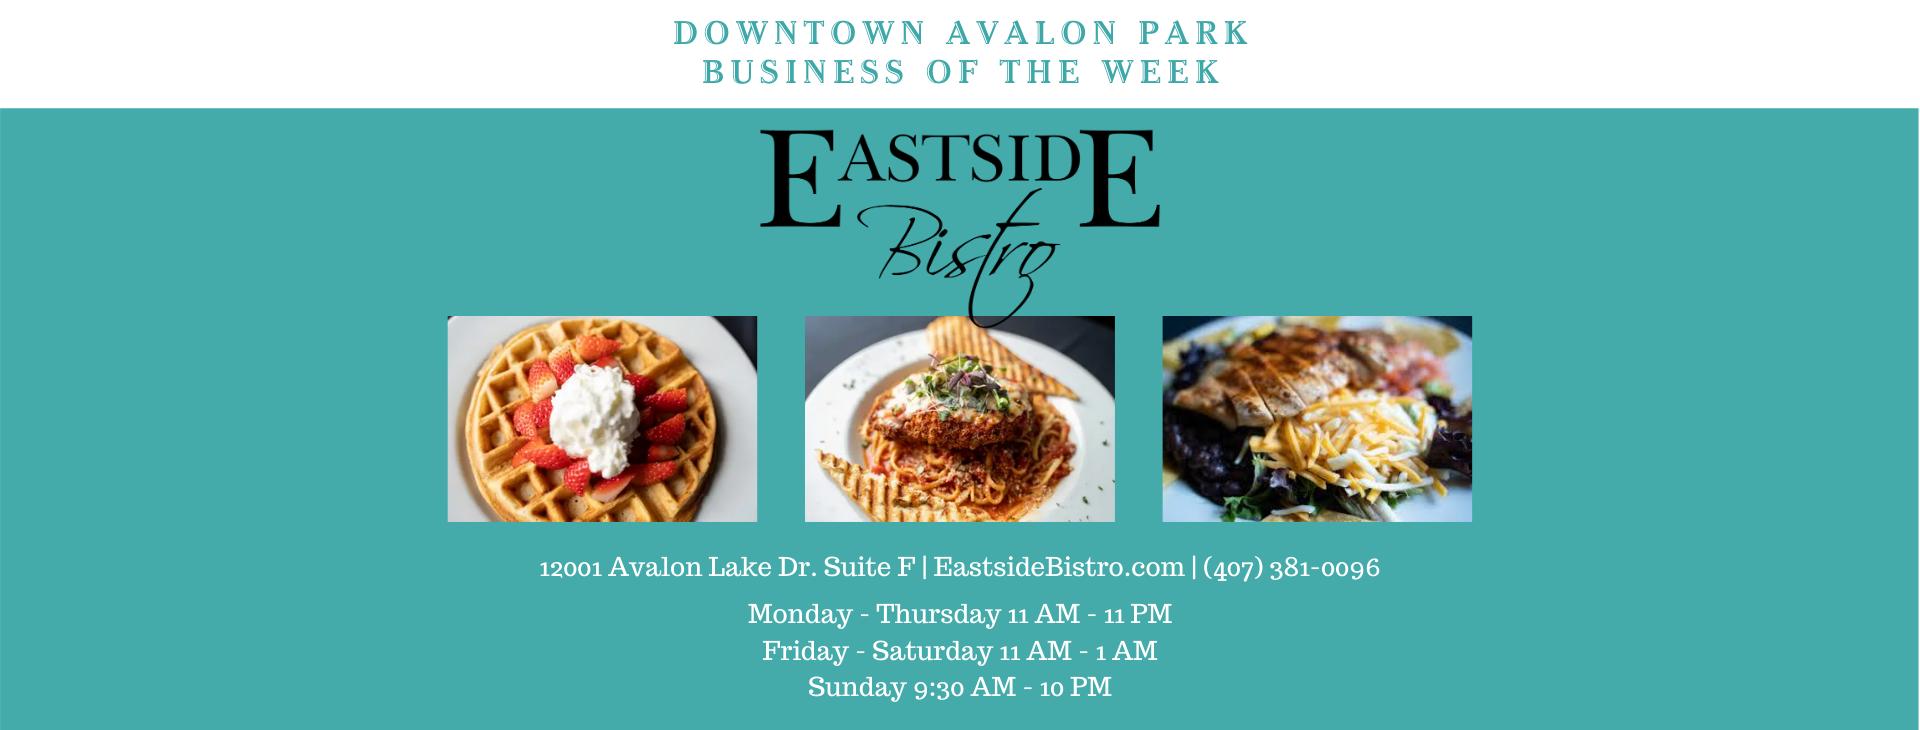 Eastside Bistro